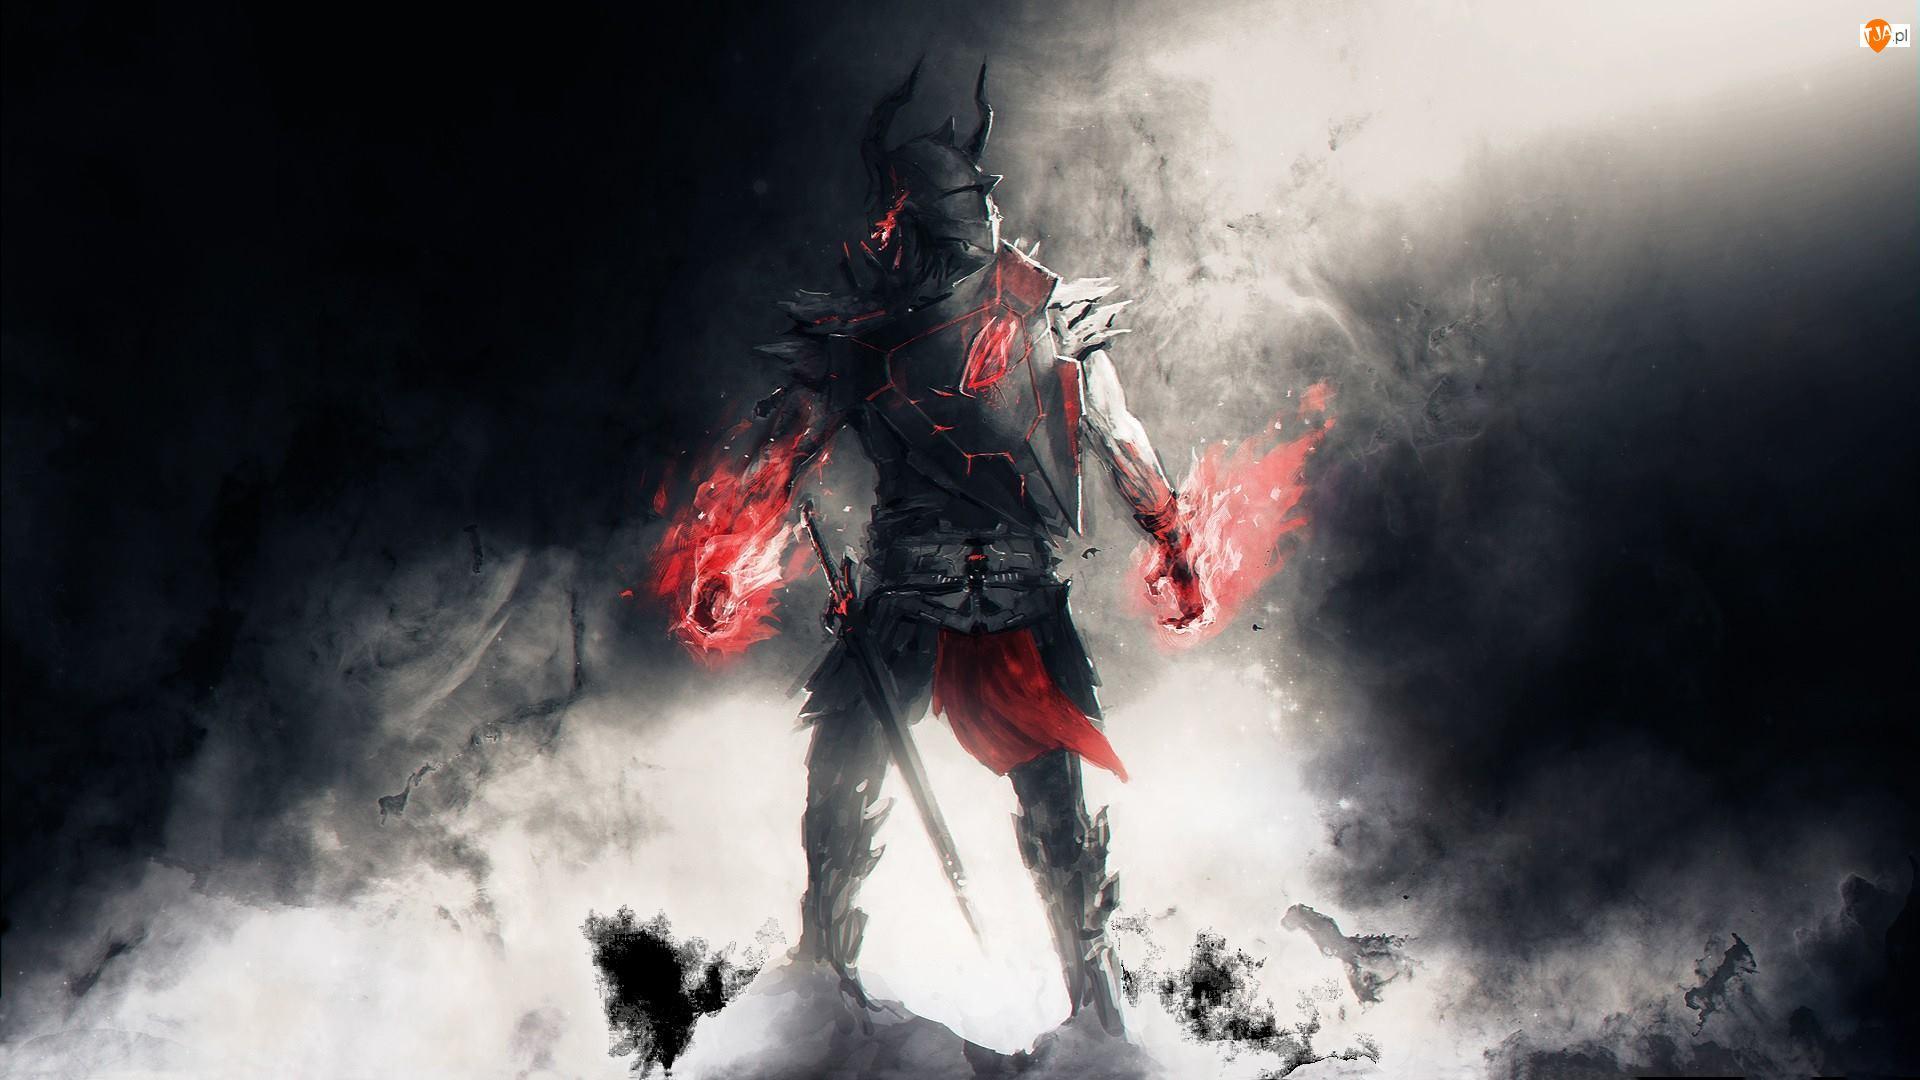 Płomienie, Gra, Wojownik, Lords of the Fallen, Rycerz